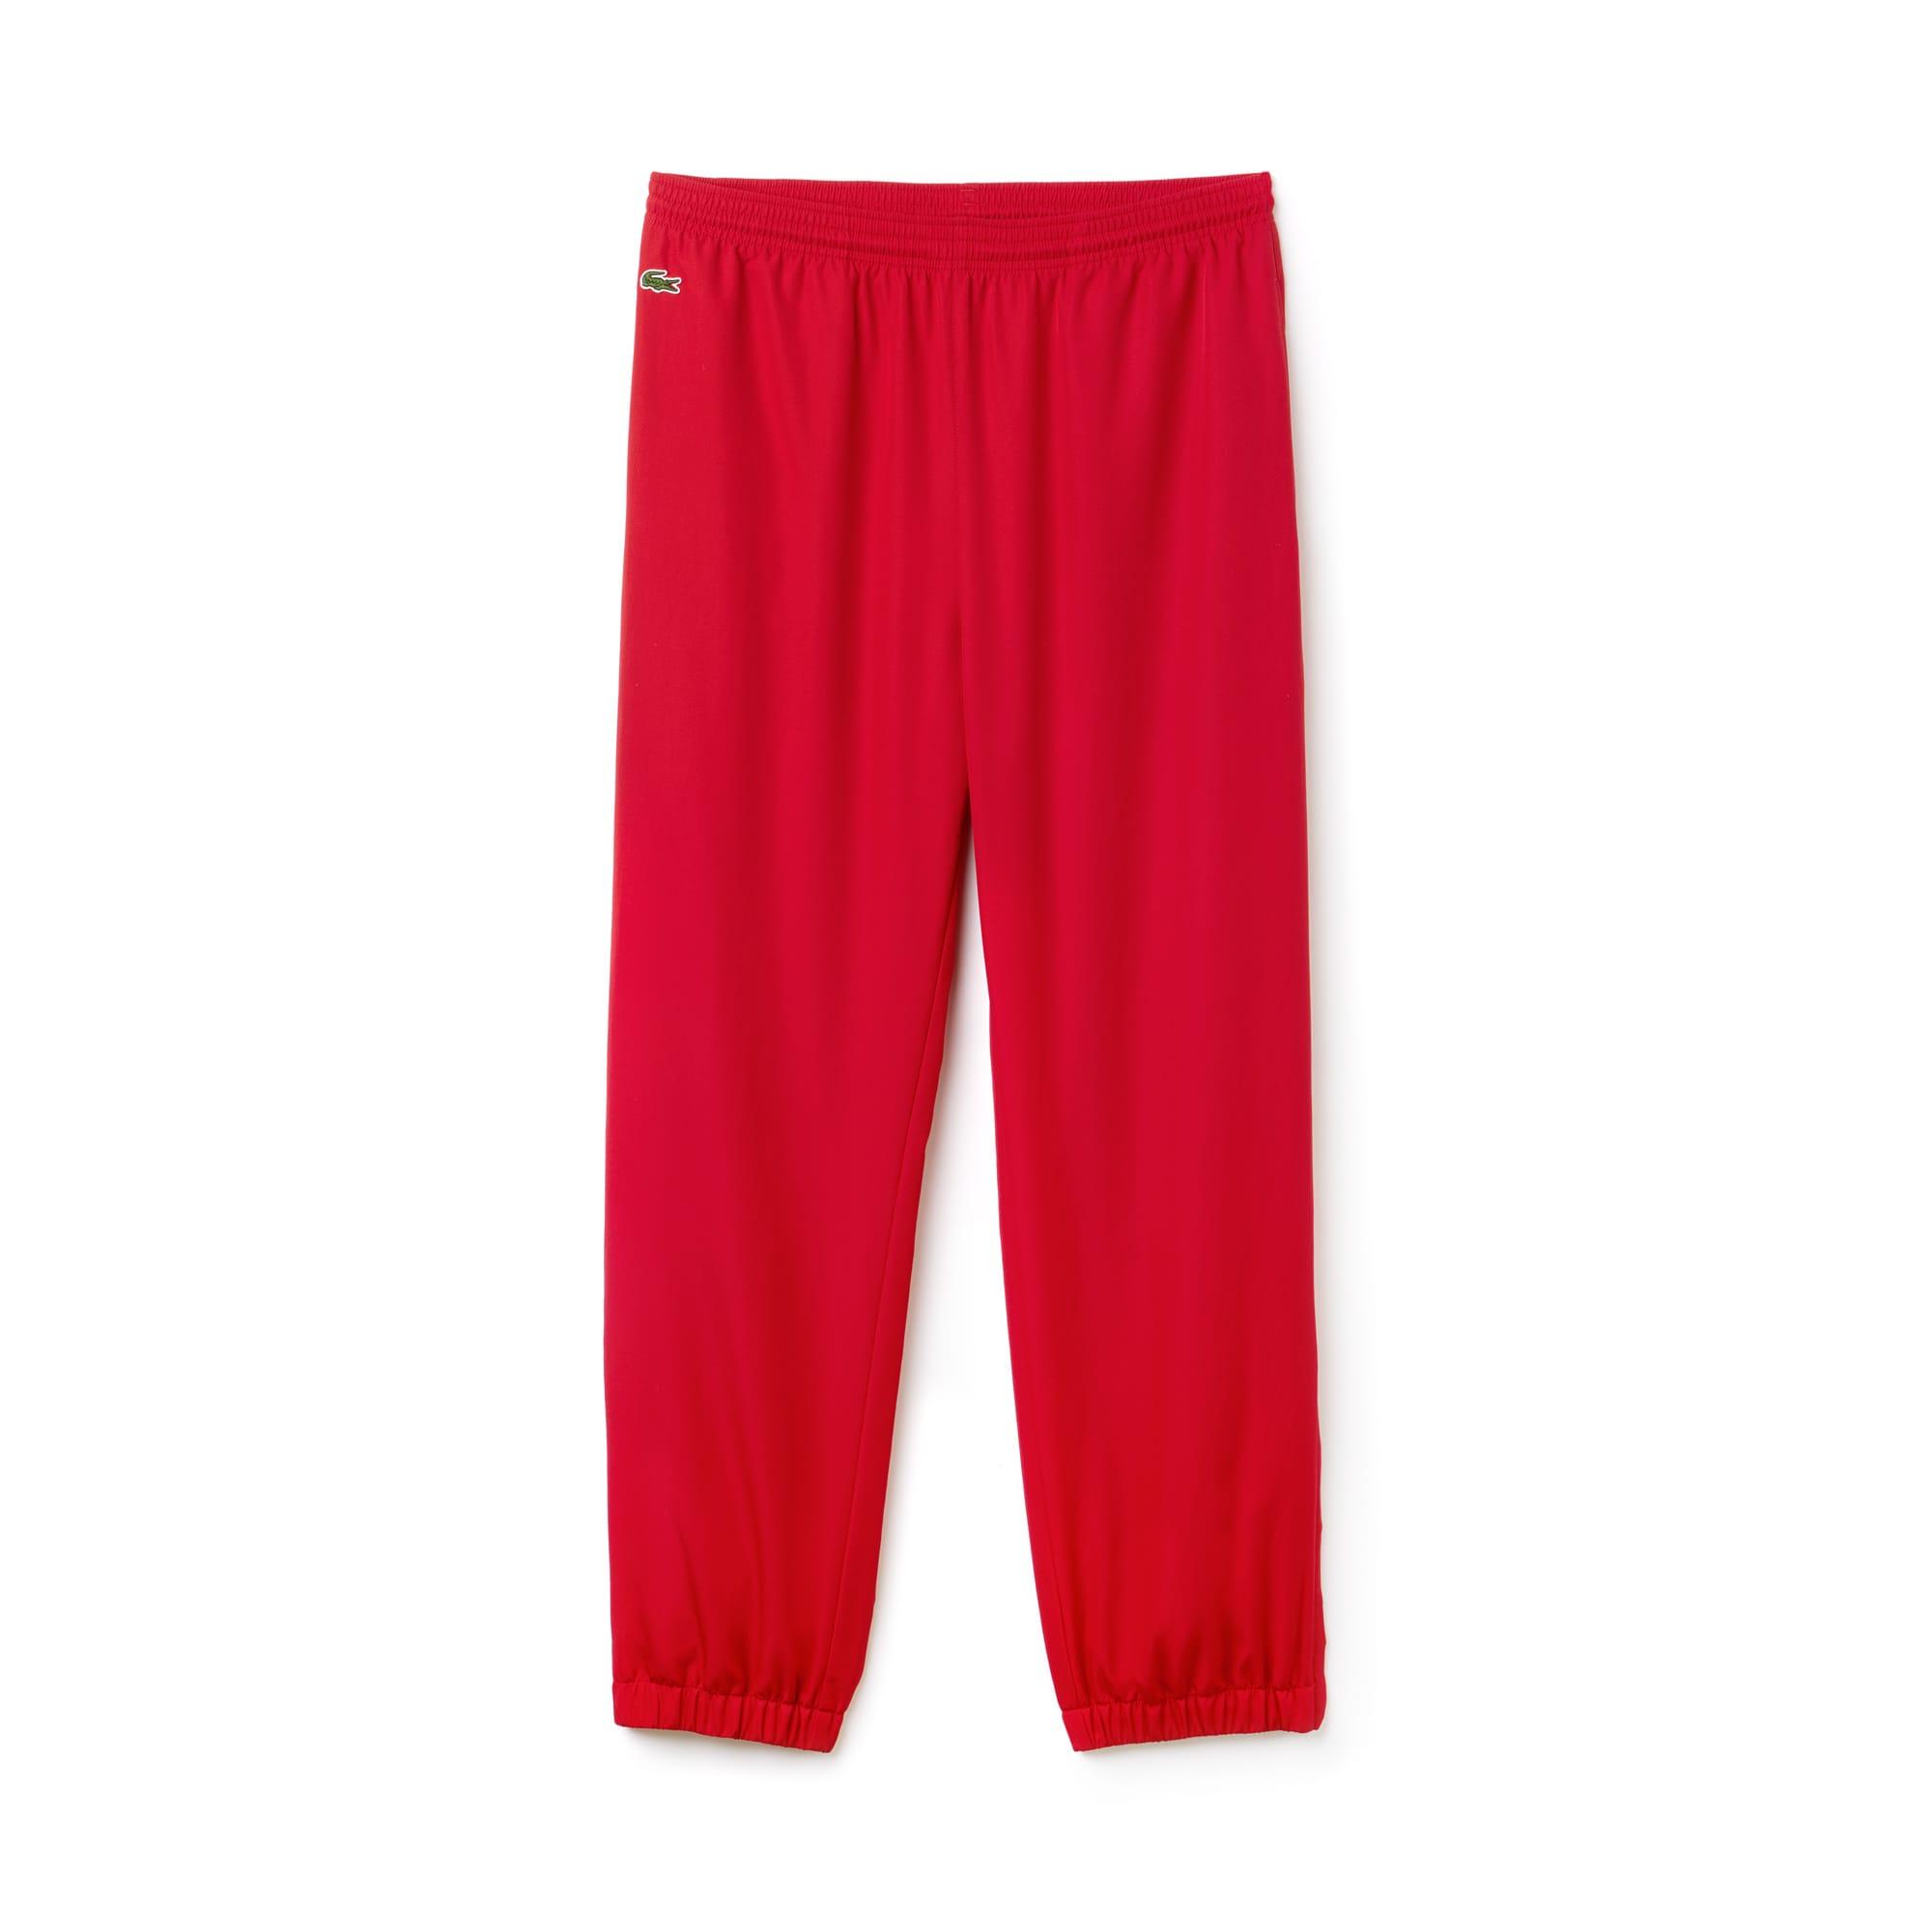 Pantalon de survêtement Tennis Lacoste SPORT diamante uni ccbf006f65f